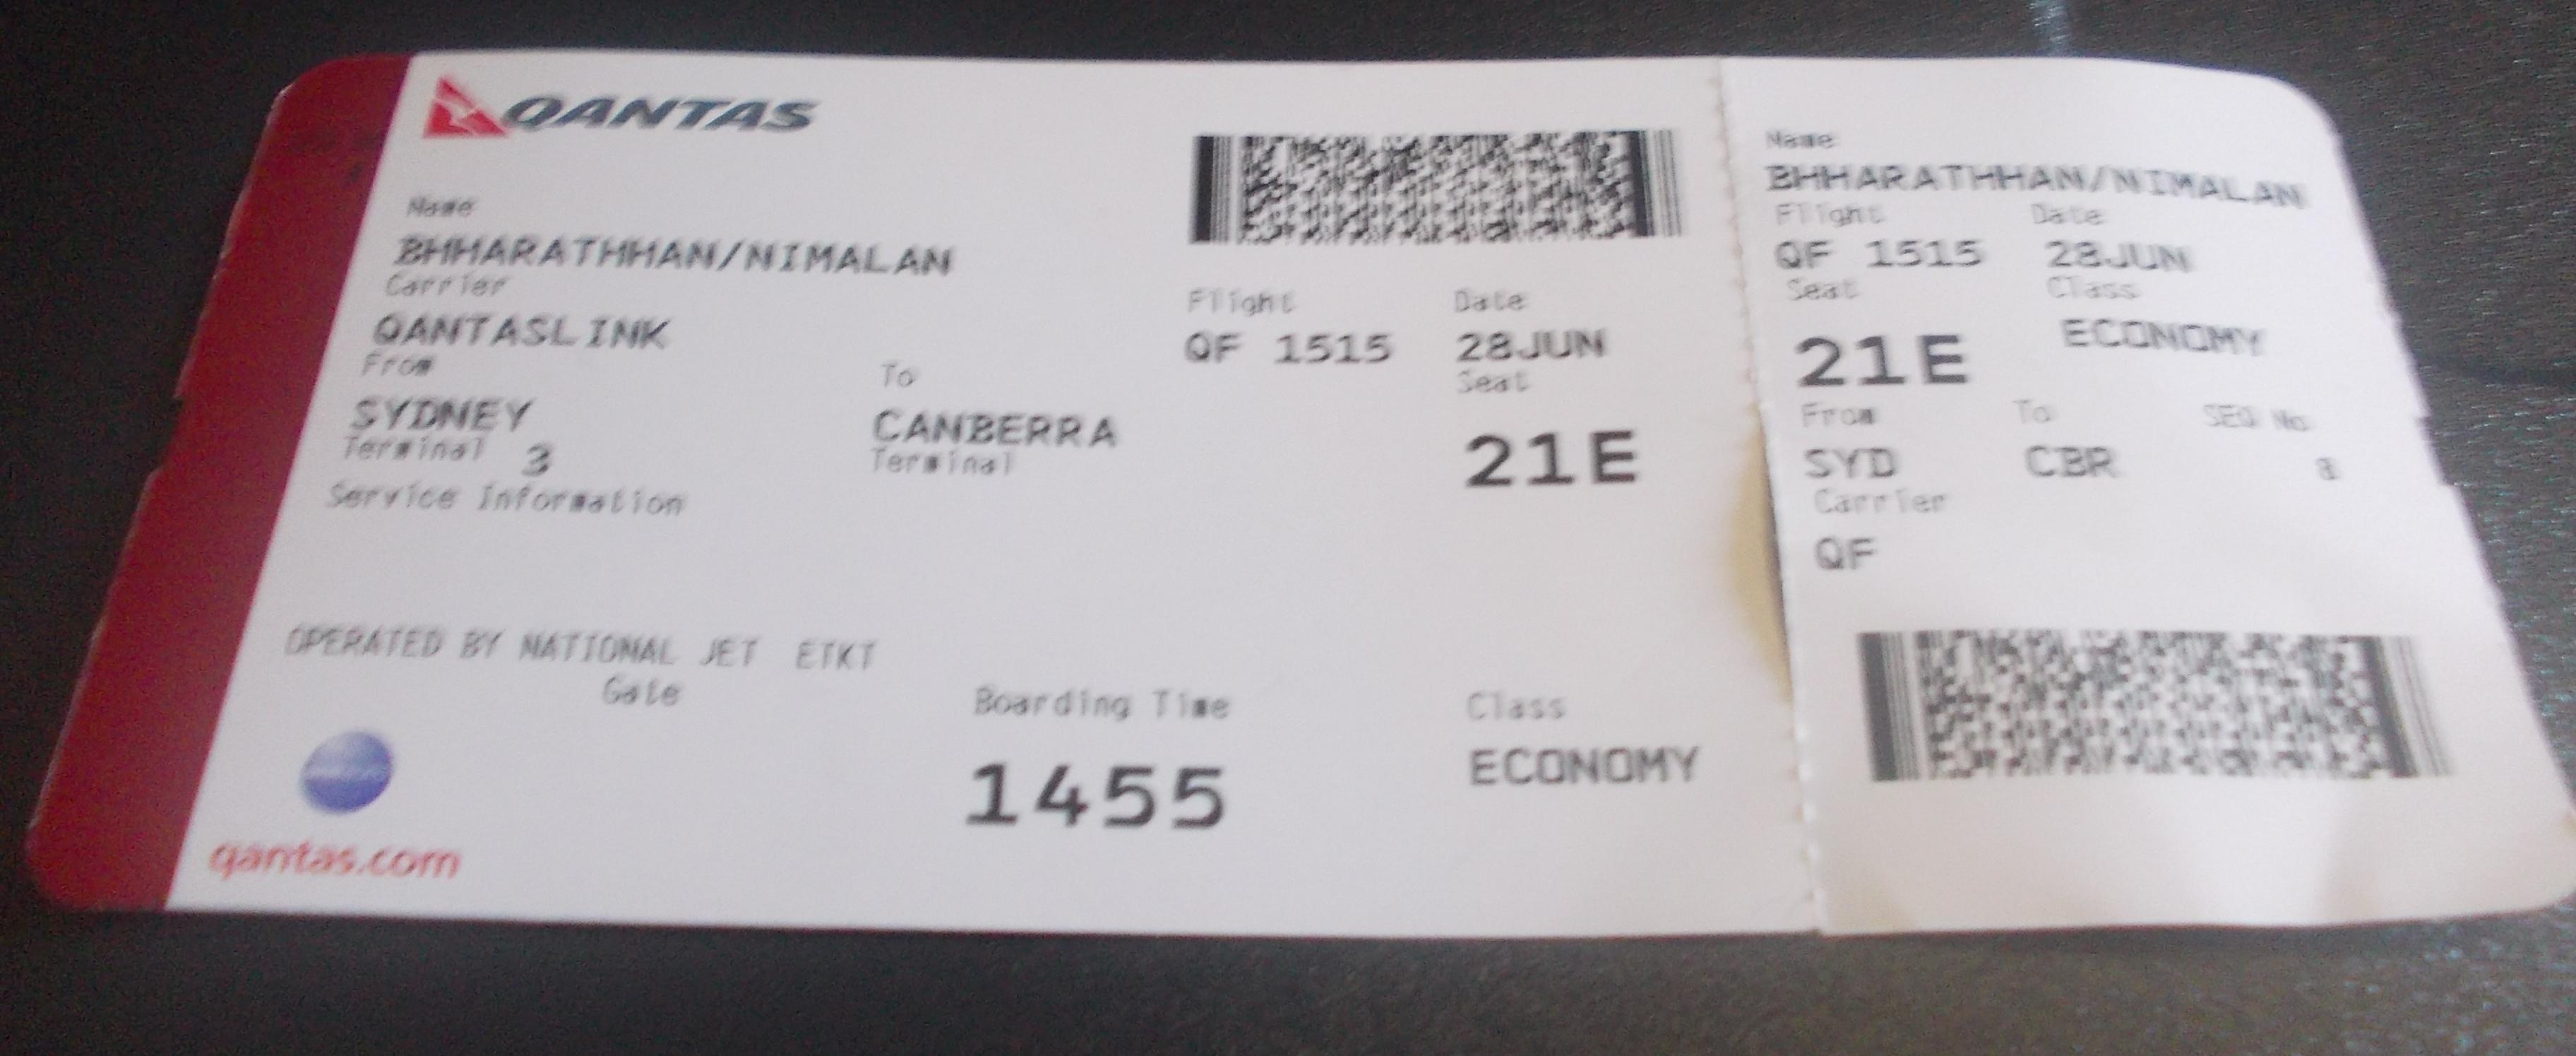 différence entre billet d avion et carte d embarquement Carte d'embarquement — Wikipédia